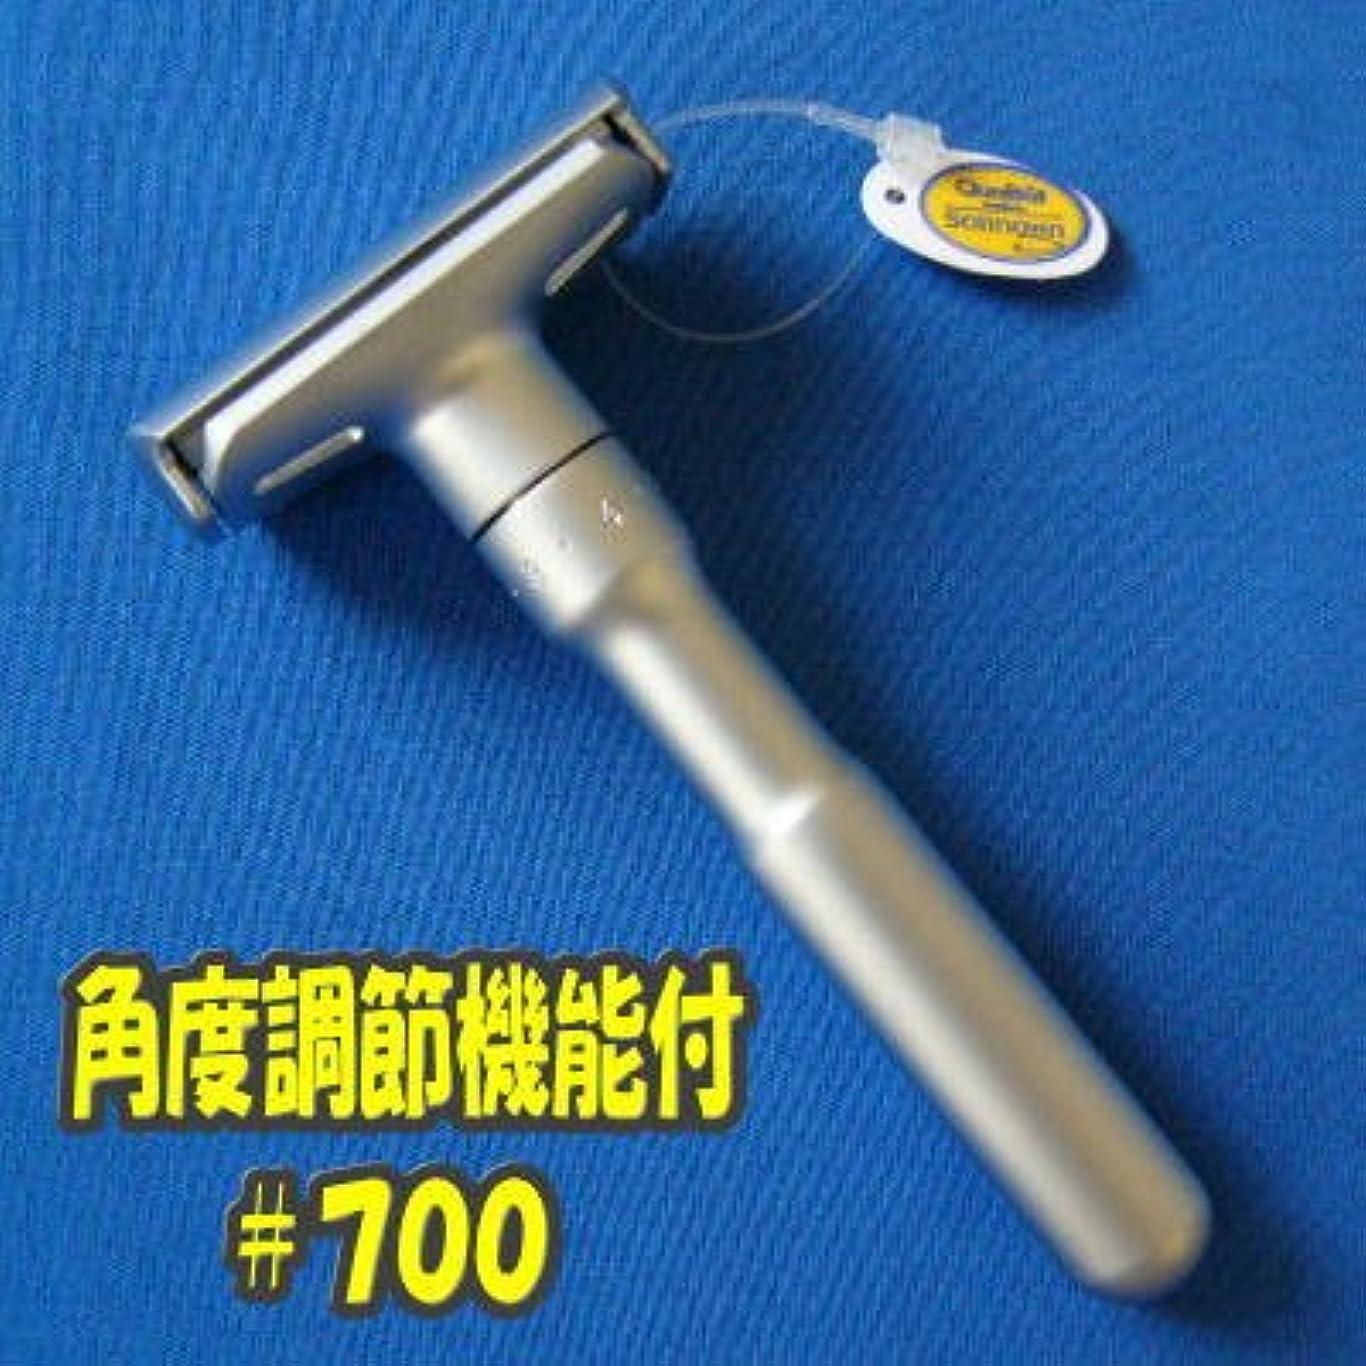 応答早いラッチメルクール髭剃り(ひげそり)700 FUTUR(フューチャー) ツヤ消し(専用革ケース付)